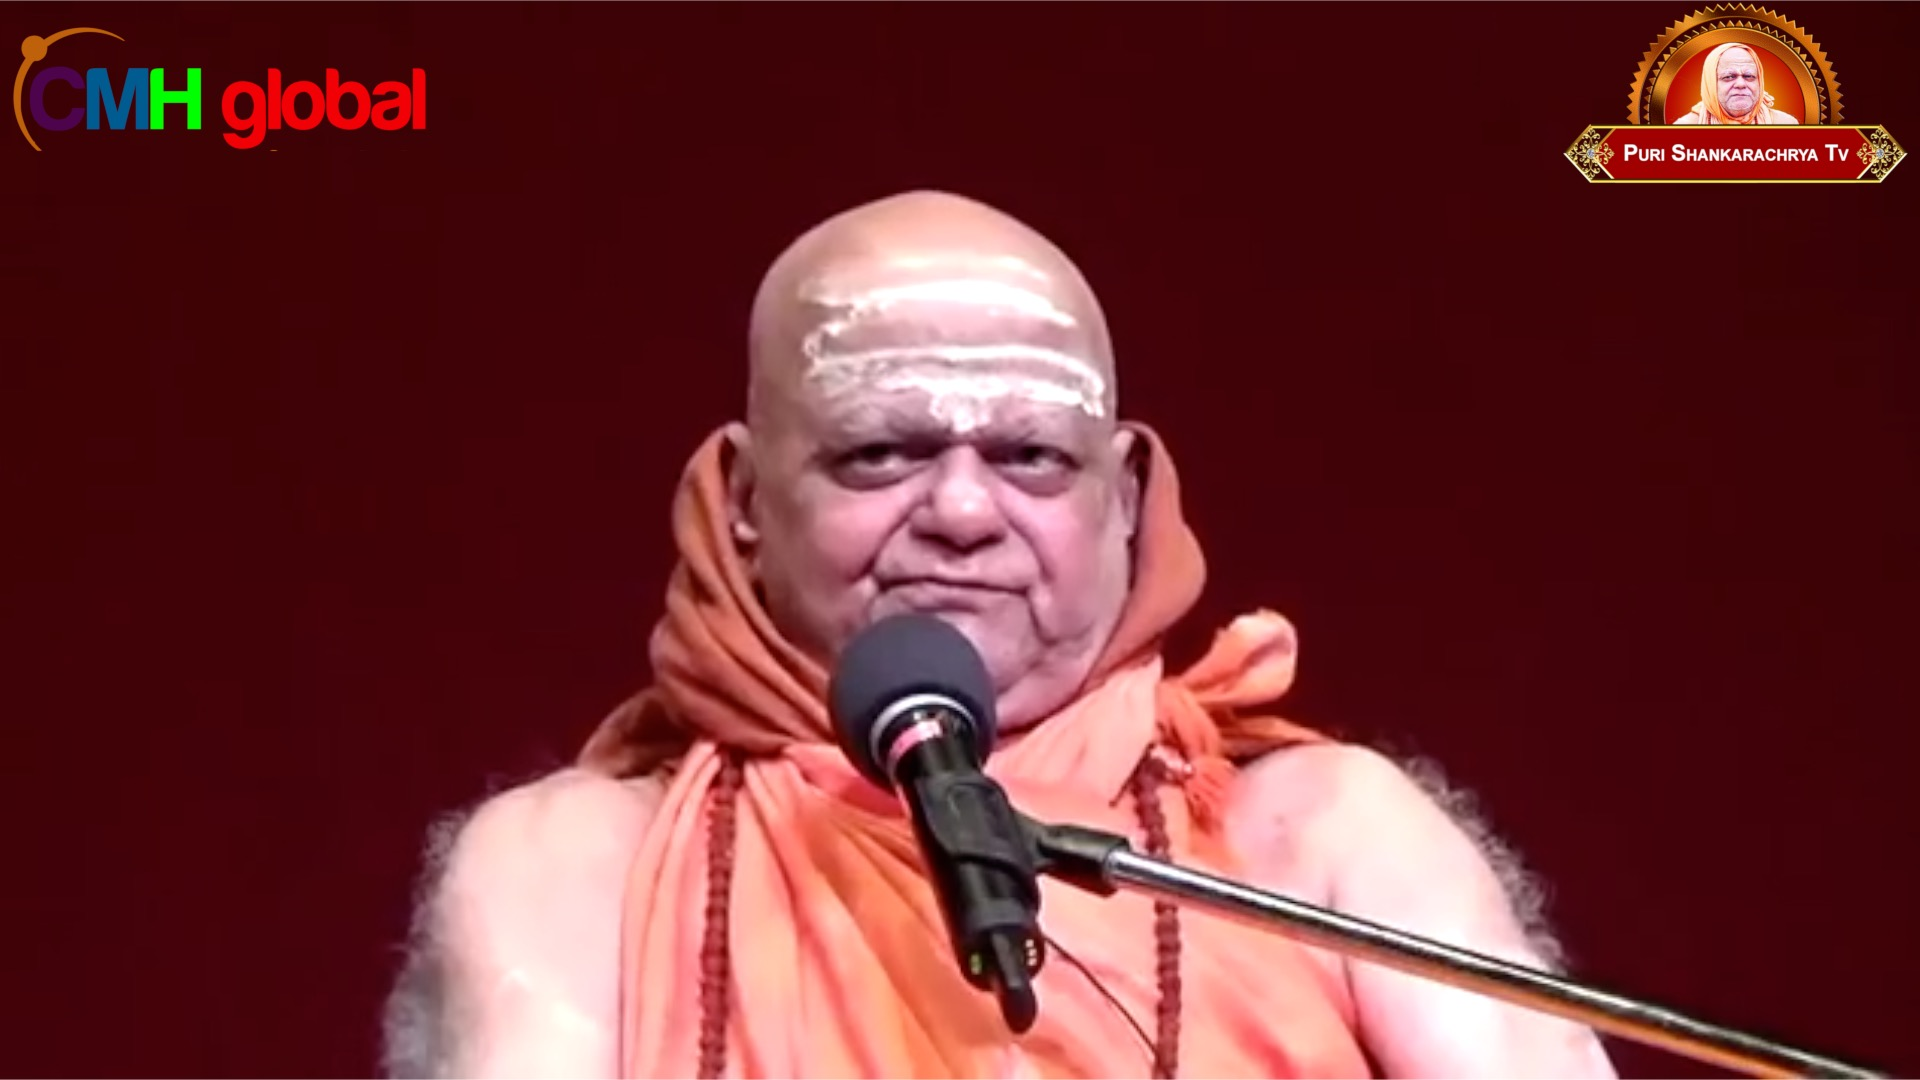 Gyan Dhara Ep -34 by Puri Shankaracharya Swami Nishchalananda Saraswati Ji